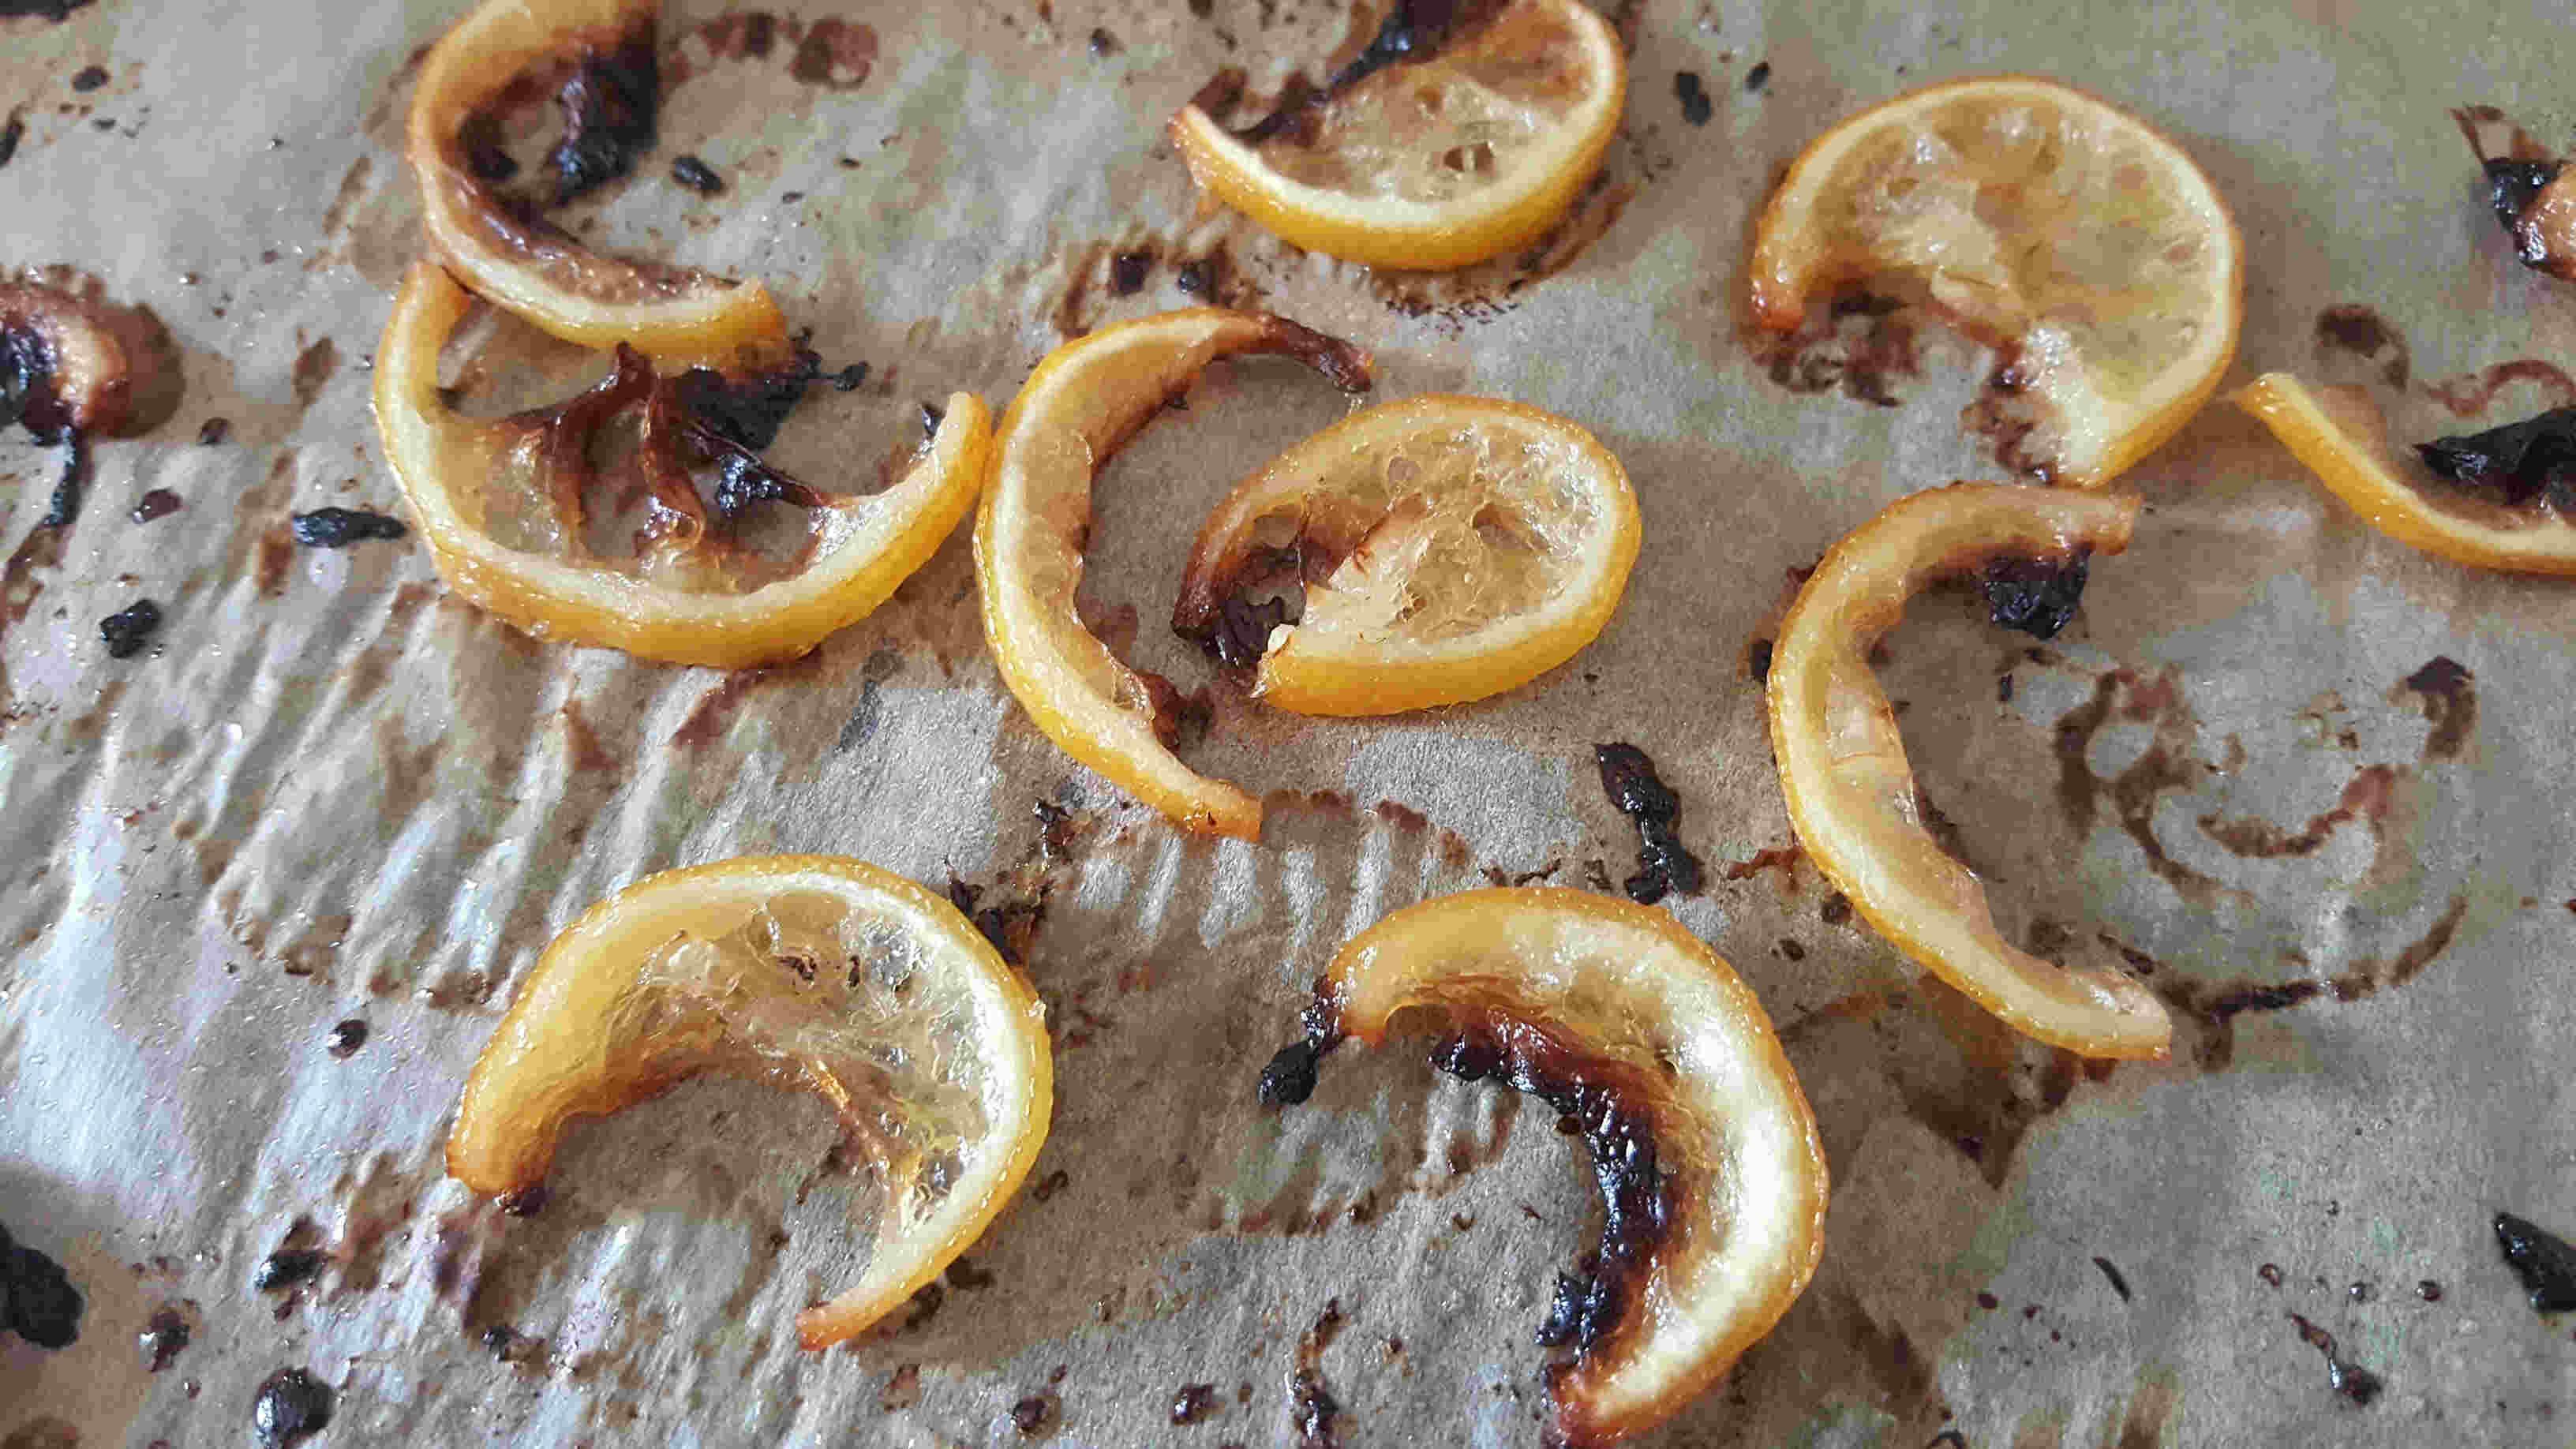 Zitronenscheiben Karamelisiert